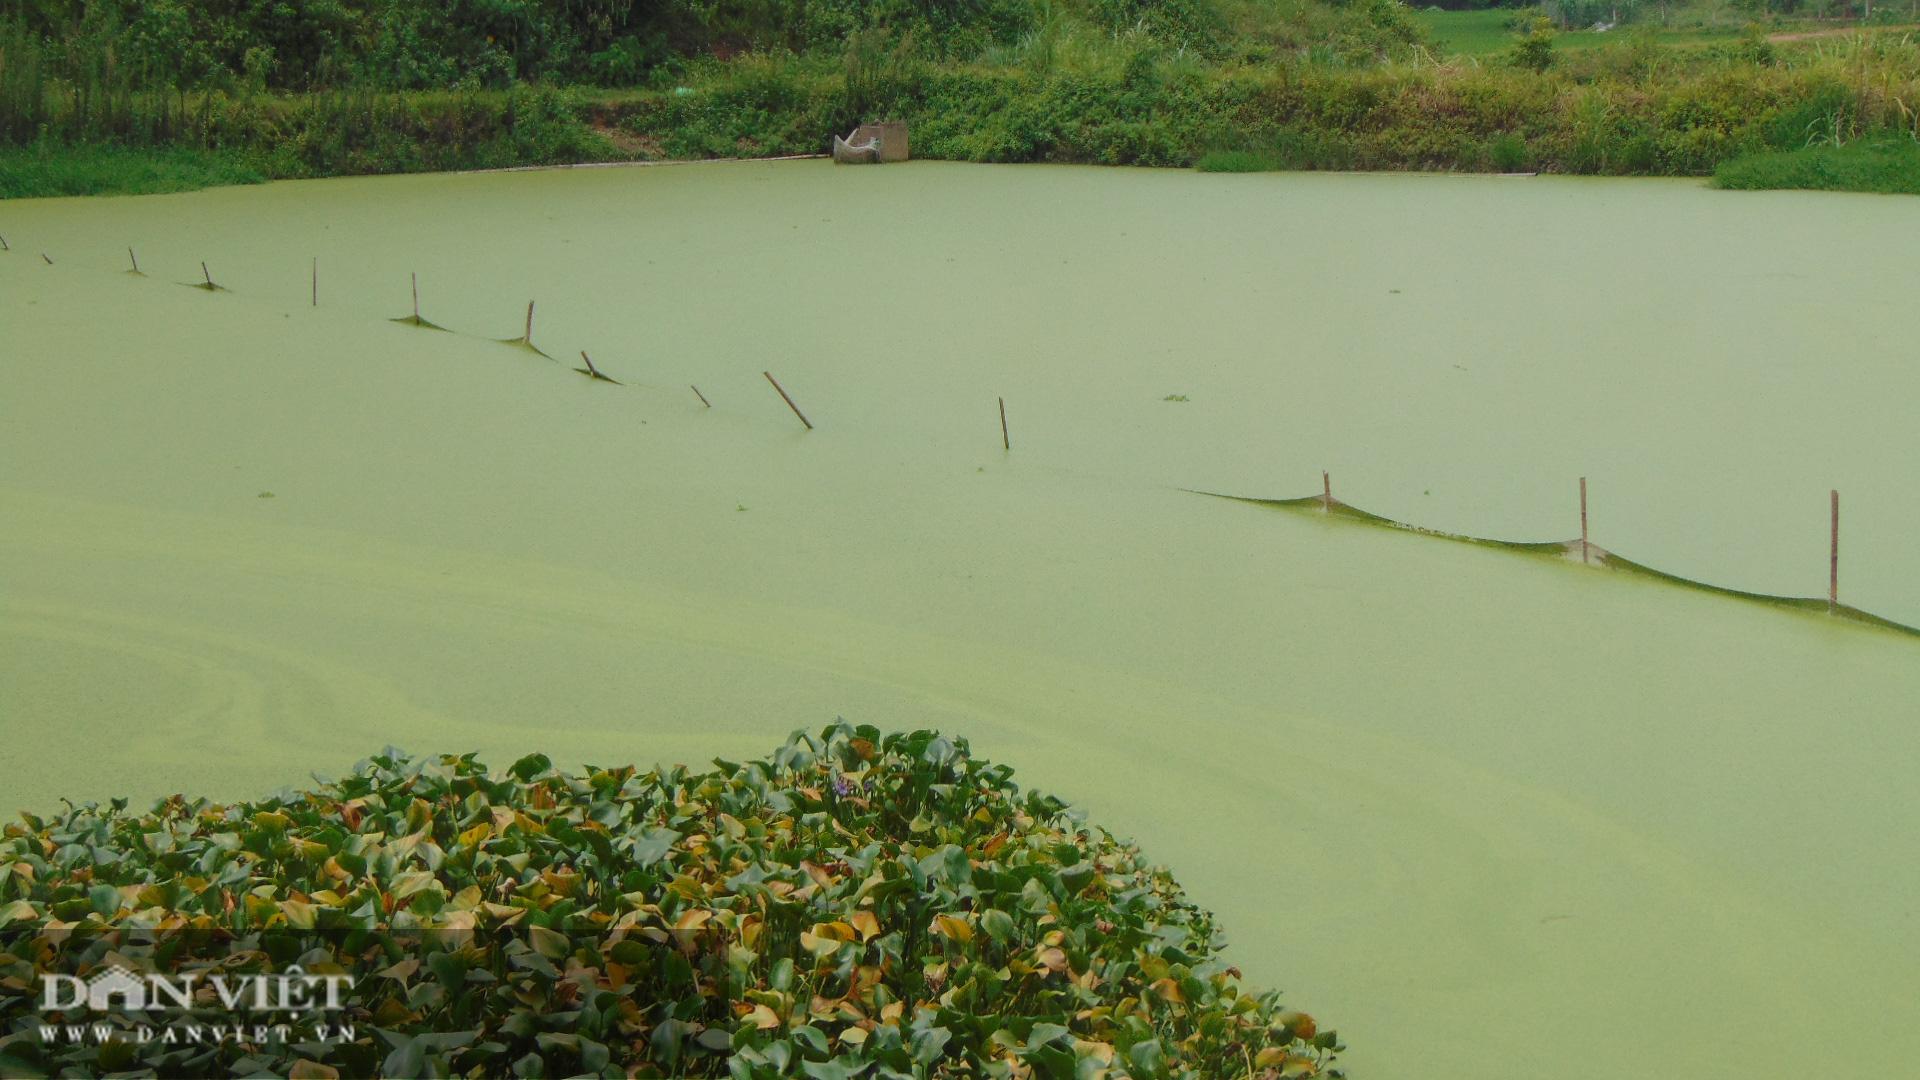 Thái Nguyên: Thanh niên trẻ thu hàng chục triệu mỗi ngày nhờ nuôi con ăn bèo dưới nước - Ảnh 2.